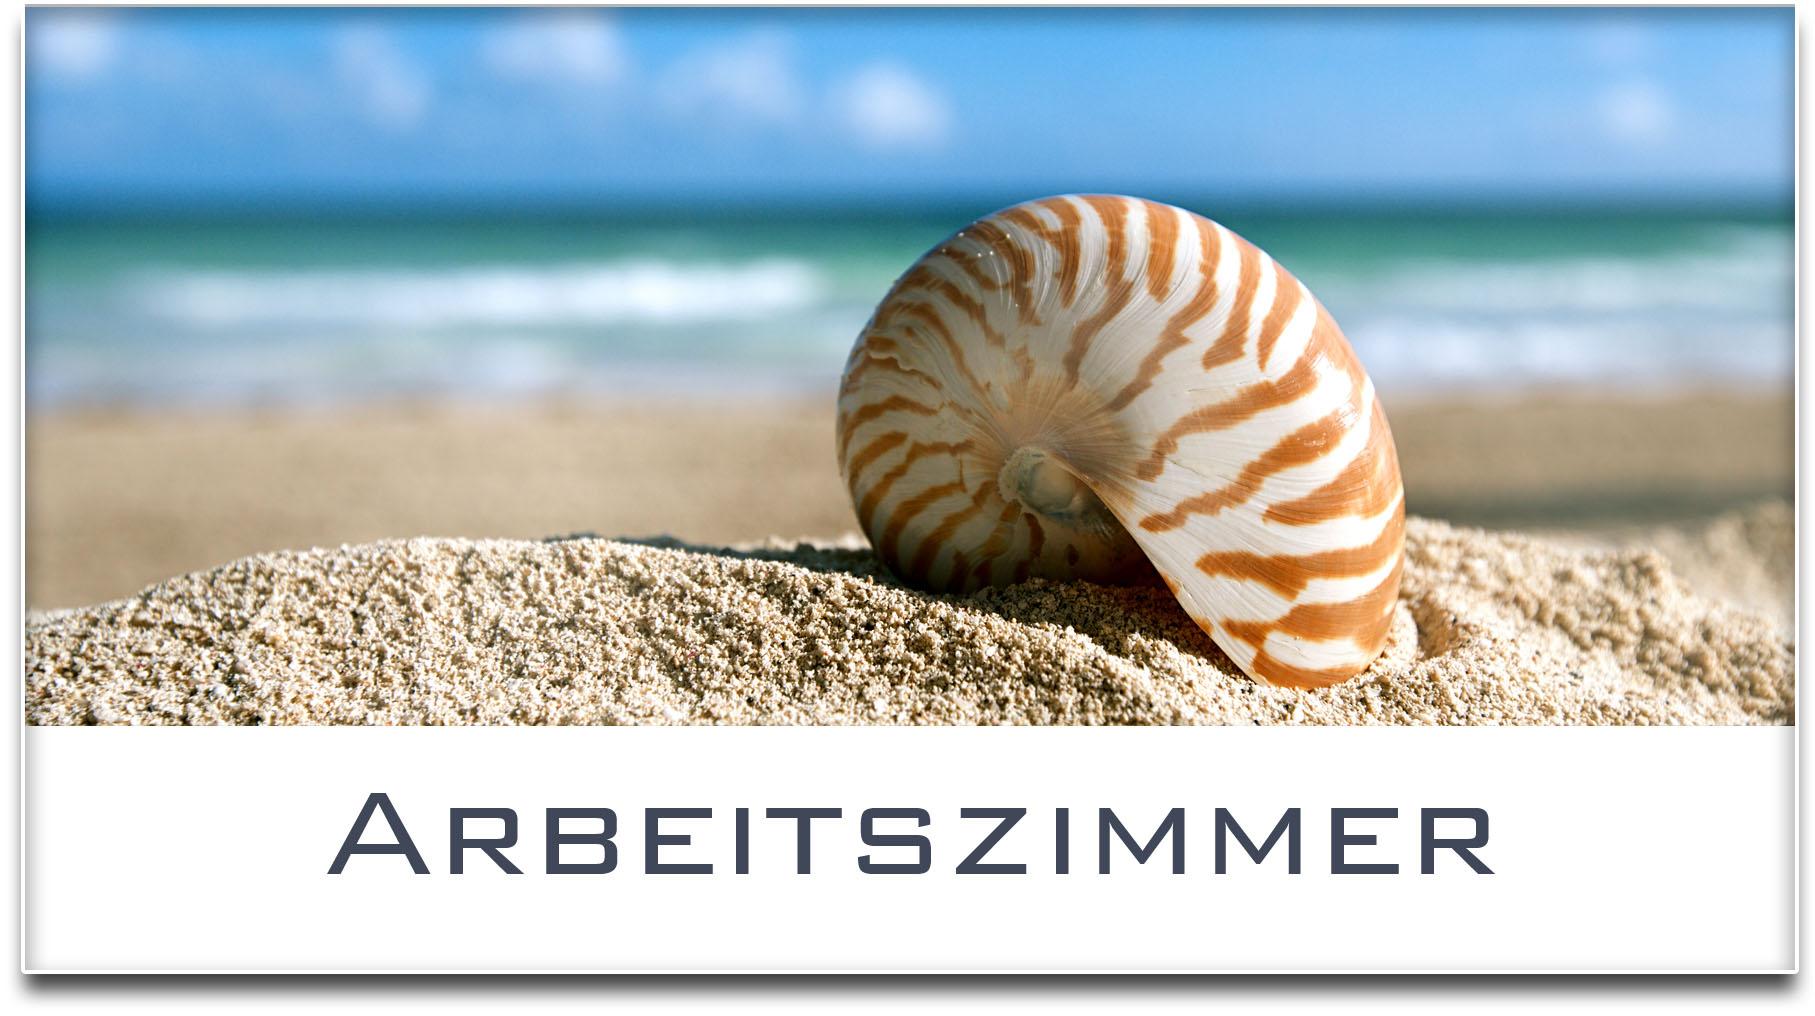 Türschild / Haustürschild / Muschel / Strand / Arbeitszimmer / Selbstklebend